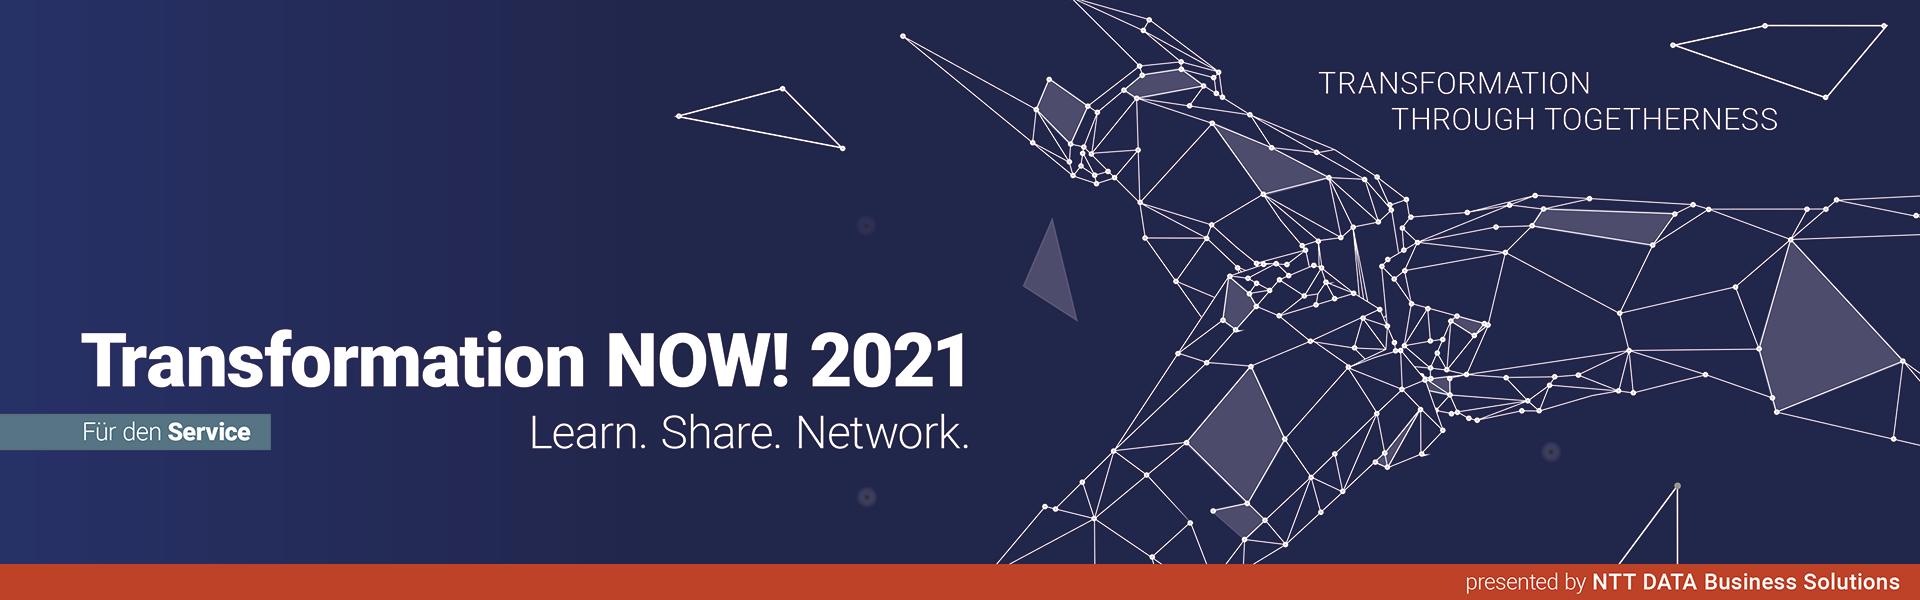 Transformation NOW! 2021 für den Service